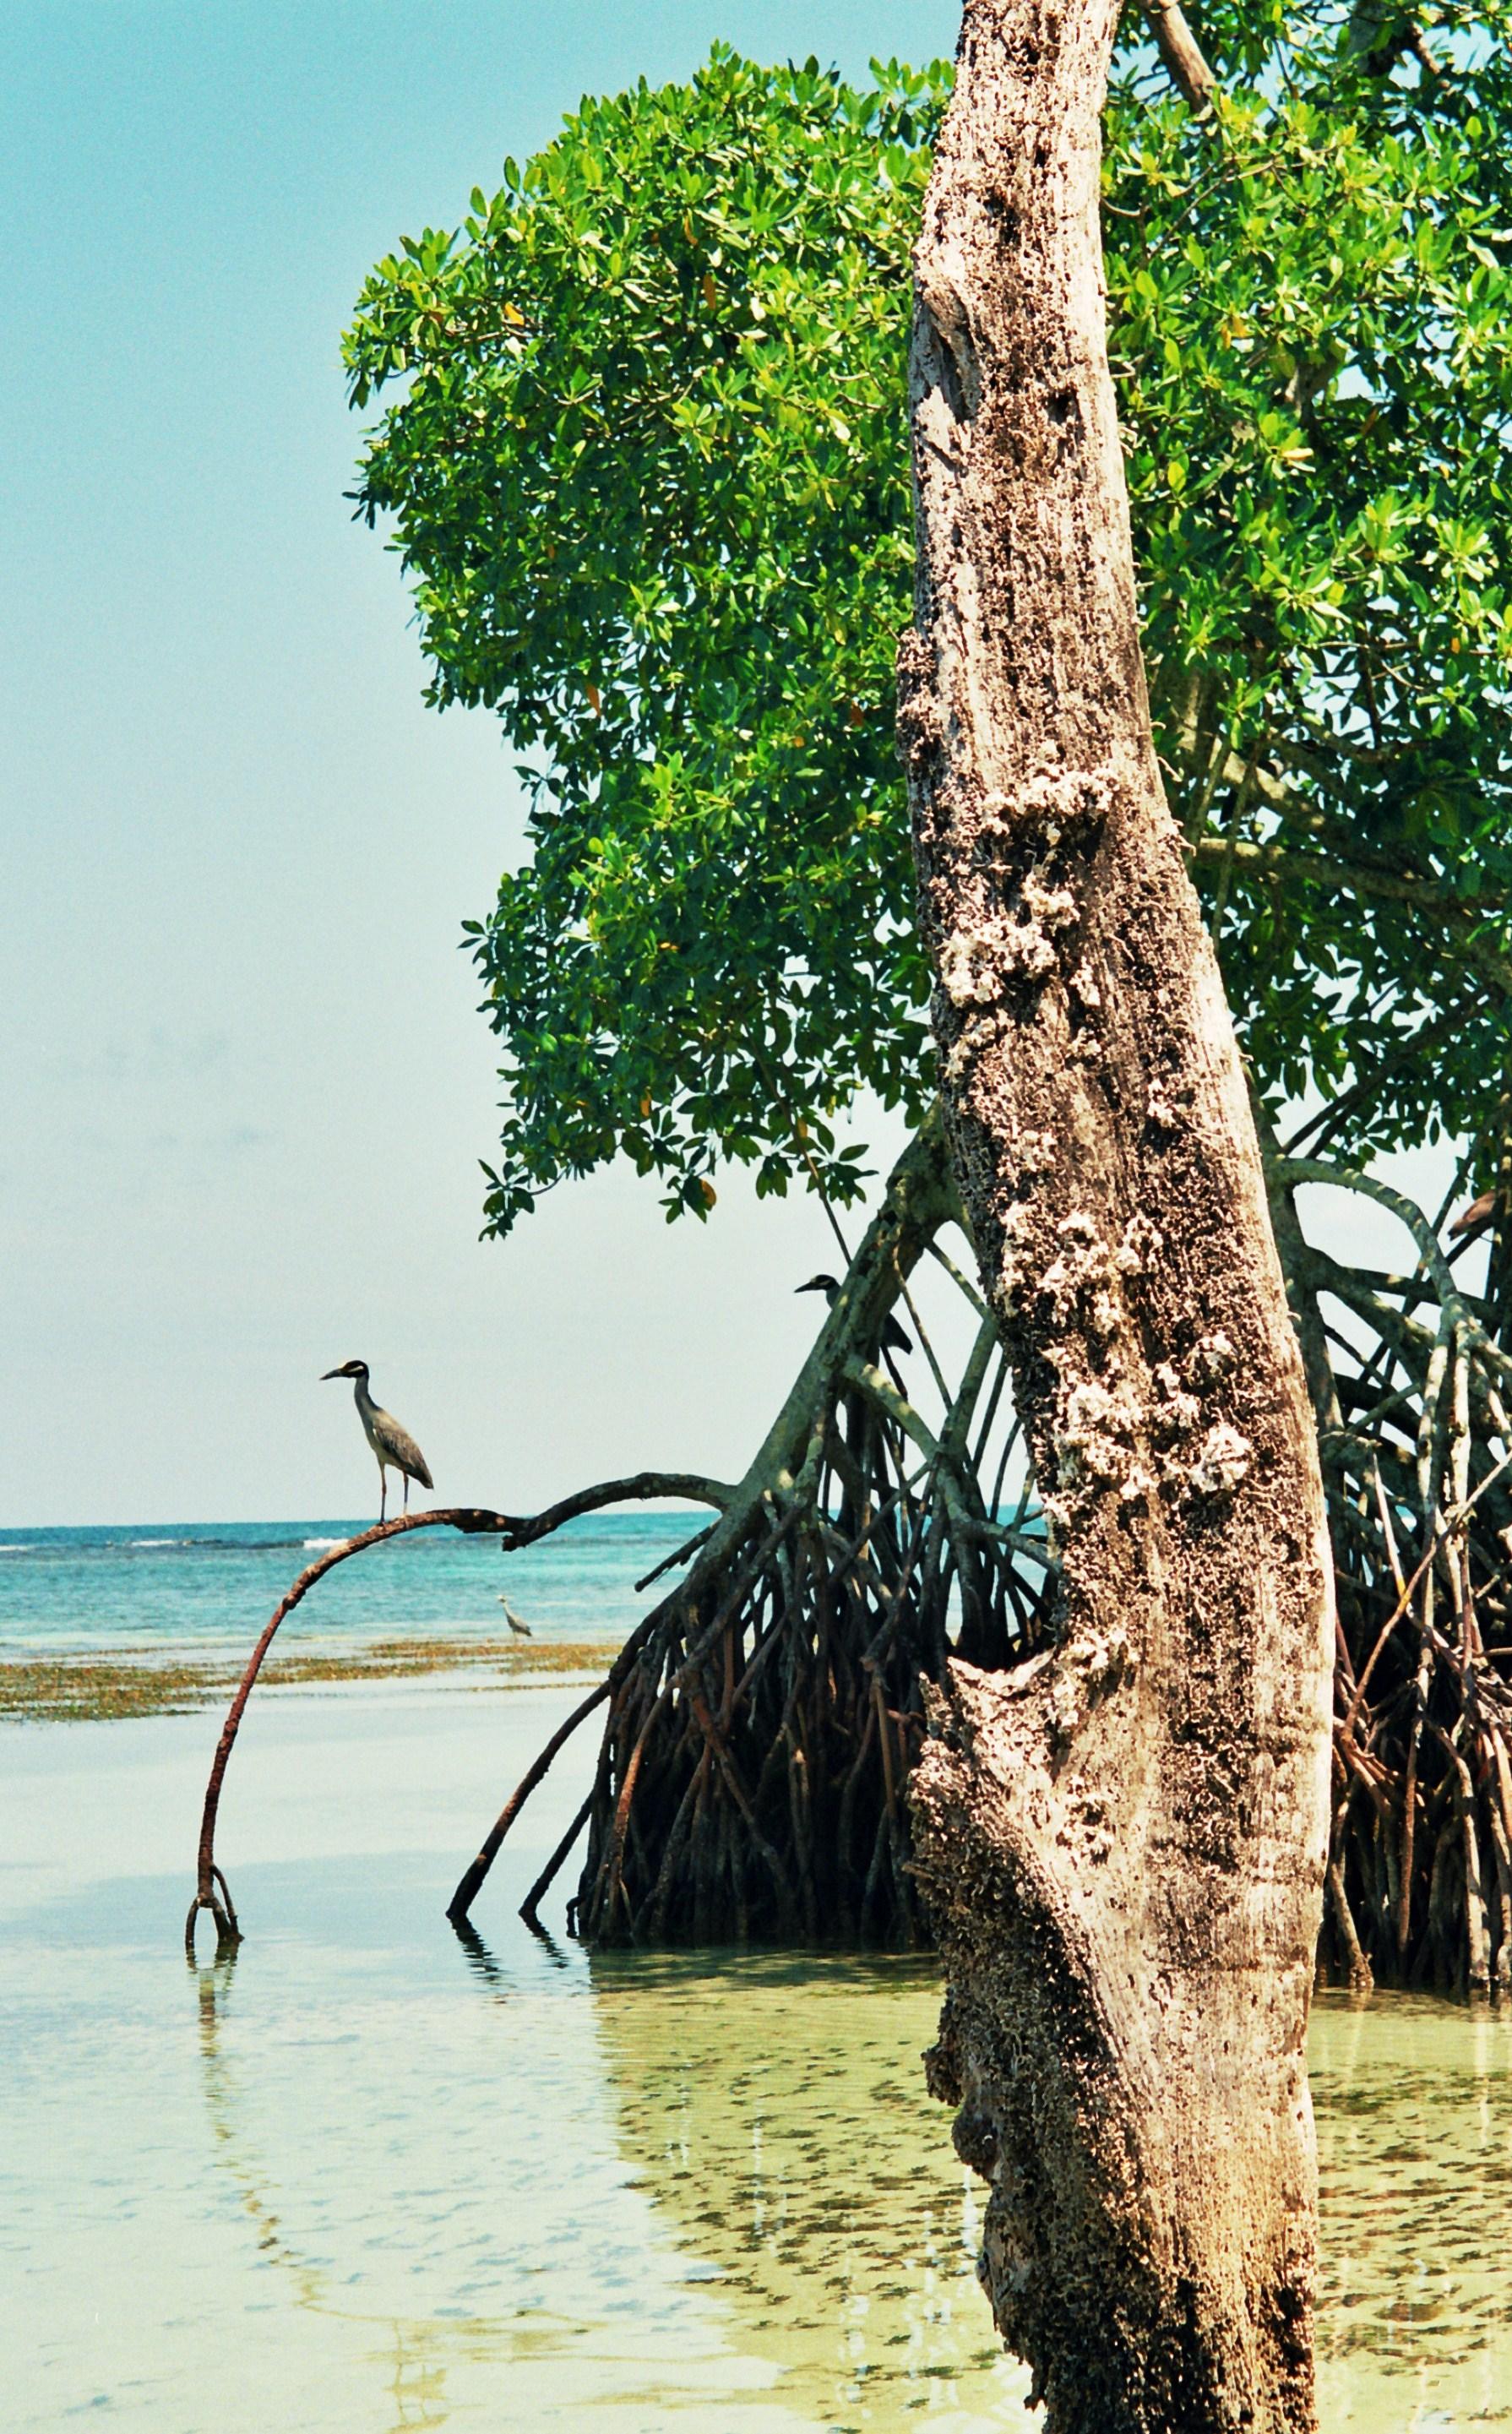 pták hlídající hnízdiště, Zapatillas